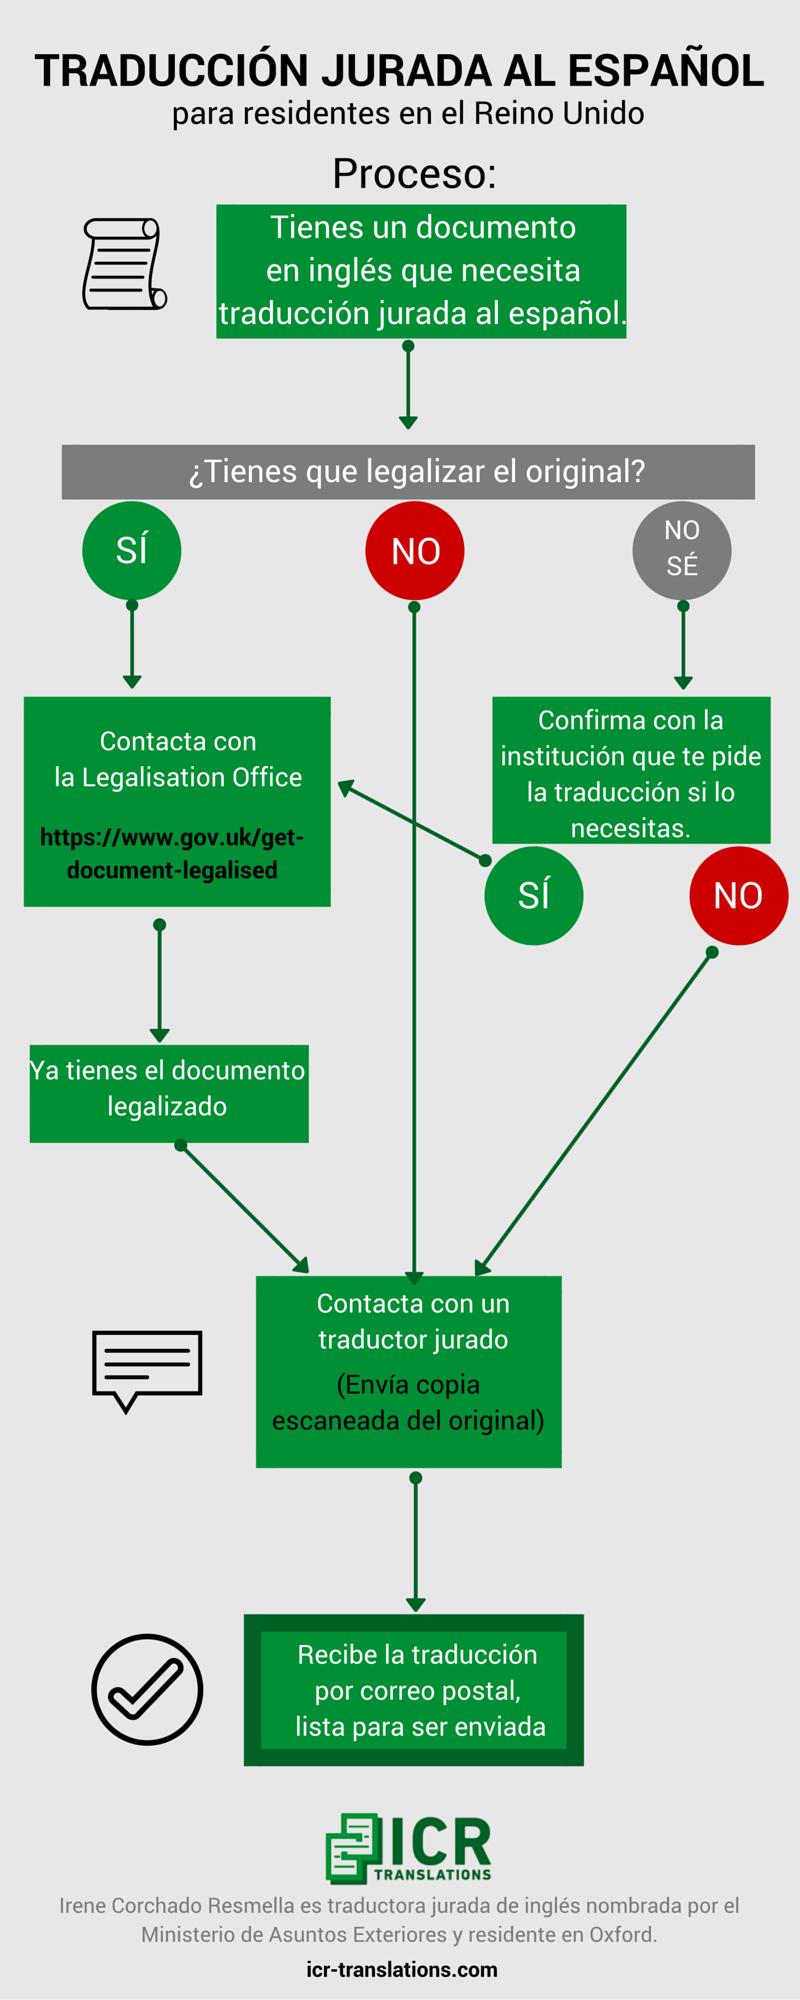 Traduccion jurada al espanol_proceso